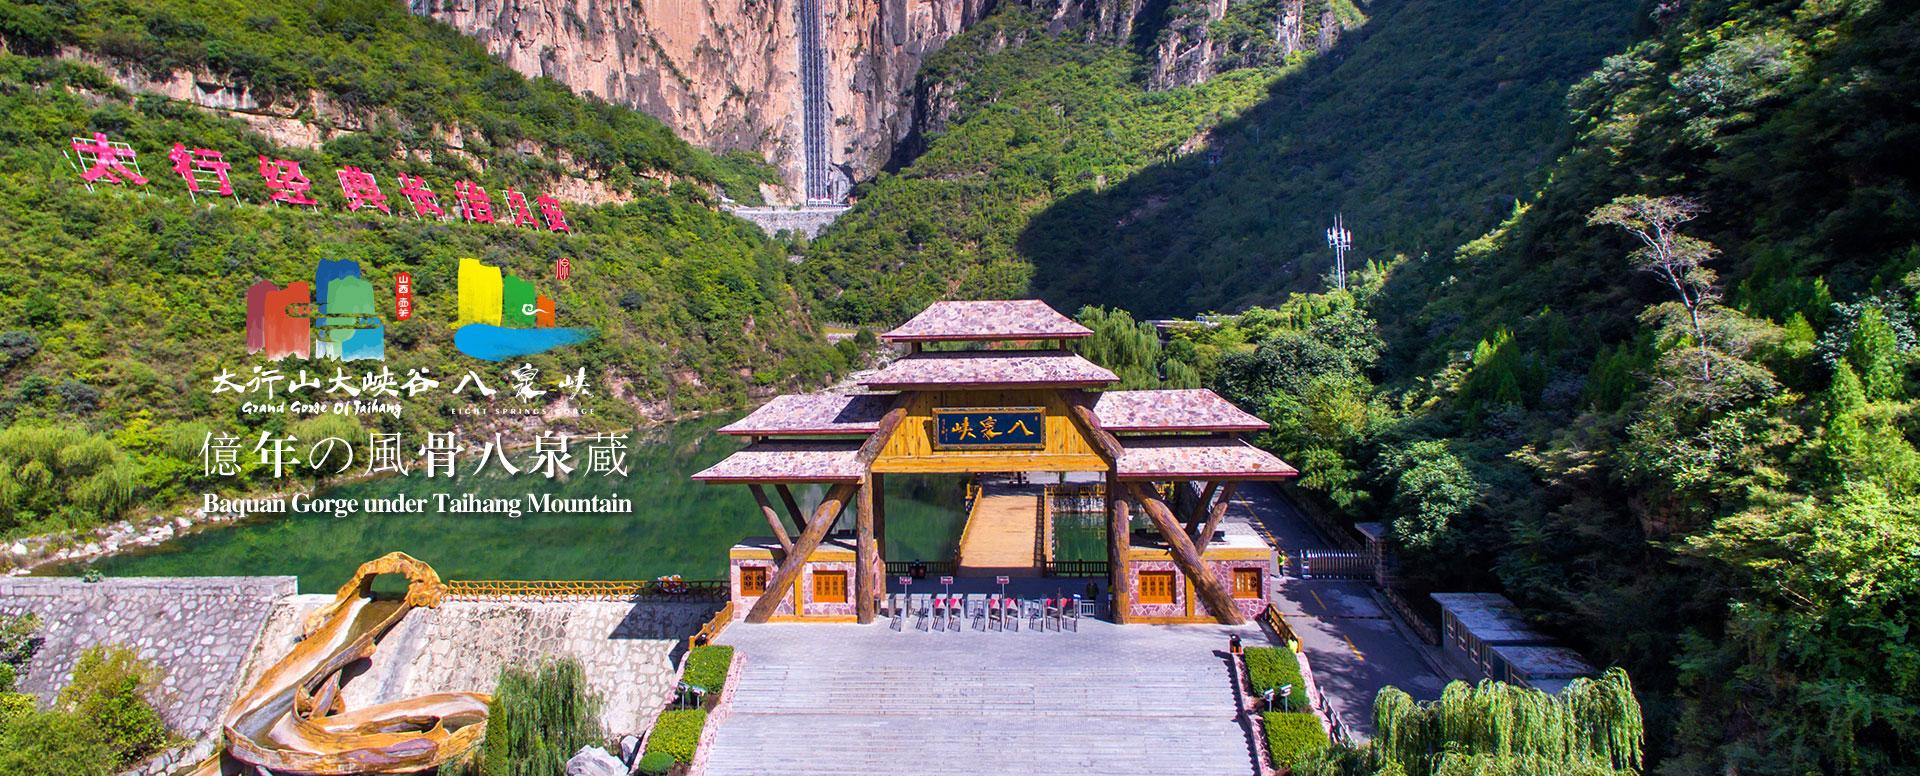 太行山大峡谷八泉峡景区日文官网